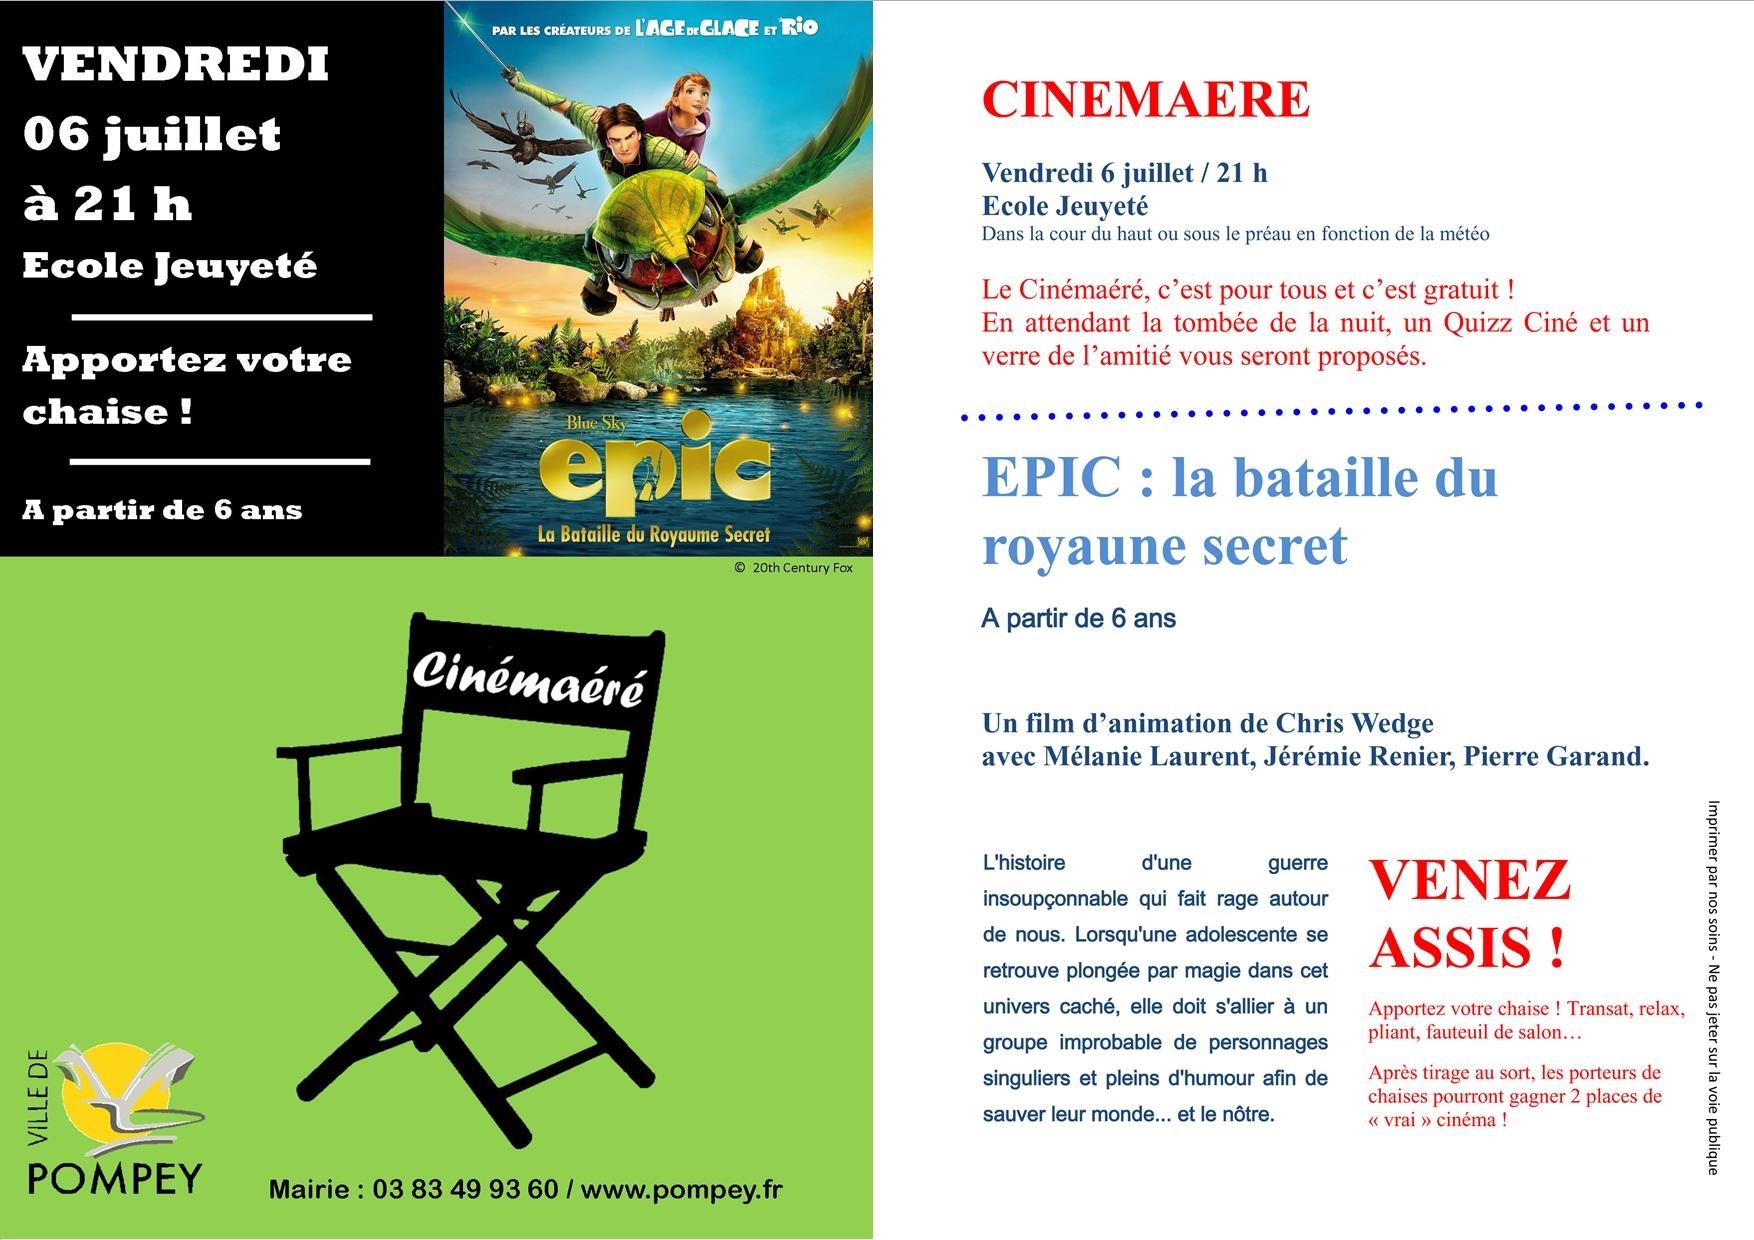 Cinémaéré EPIC 6 juillet